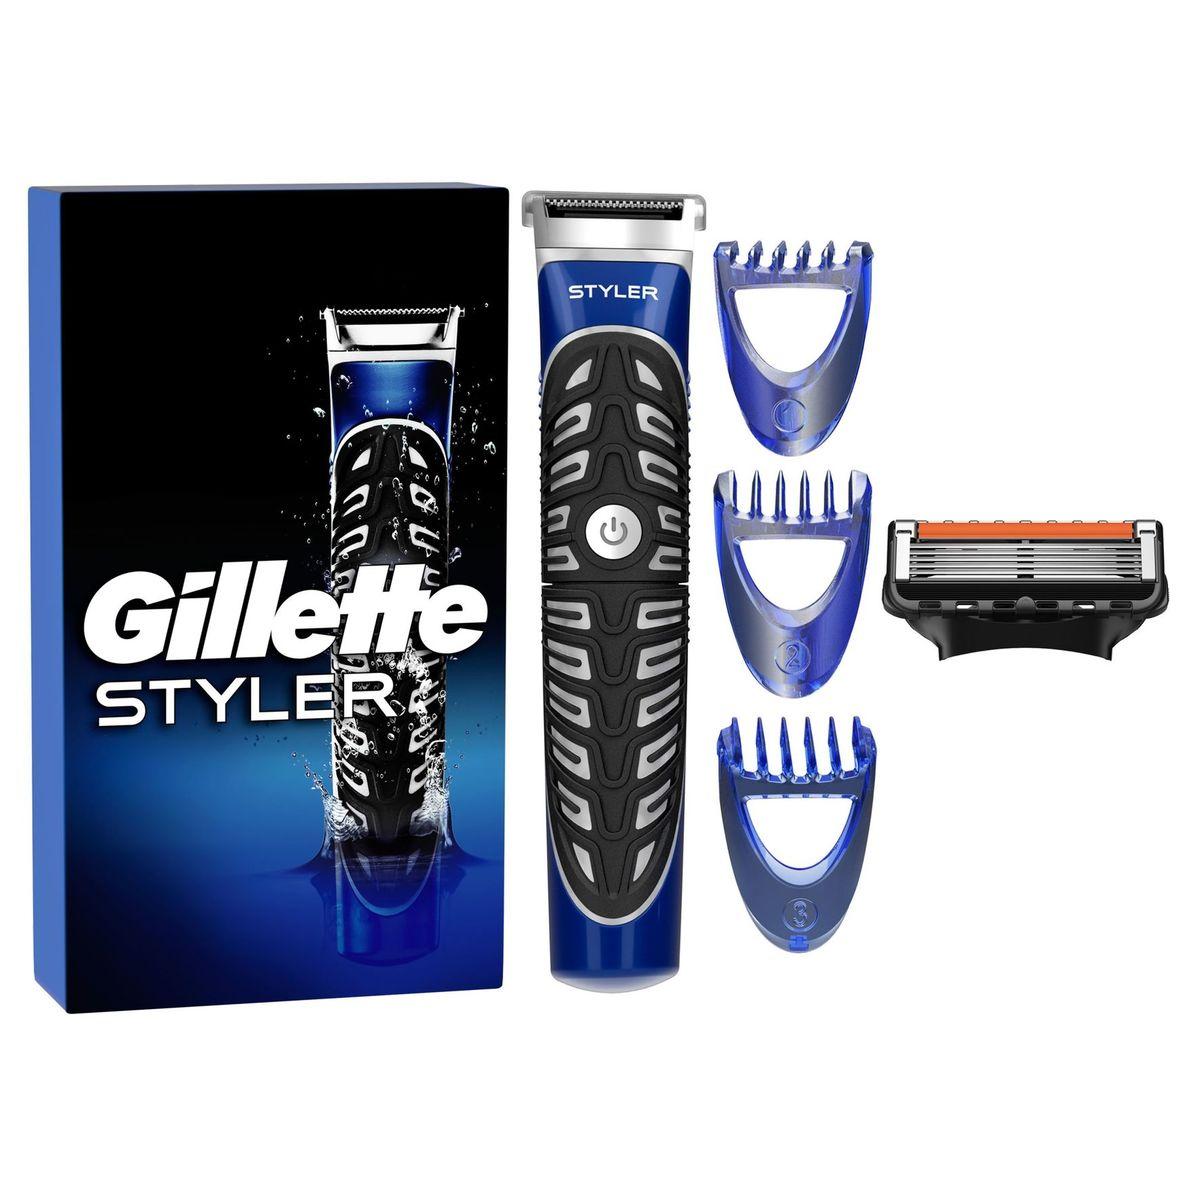 Gillette 4-in-1 Body- en Baardtrimmer, Scheerapparaat en Contourmes